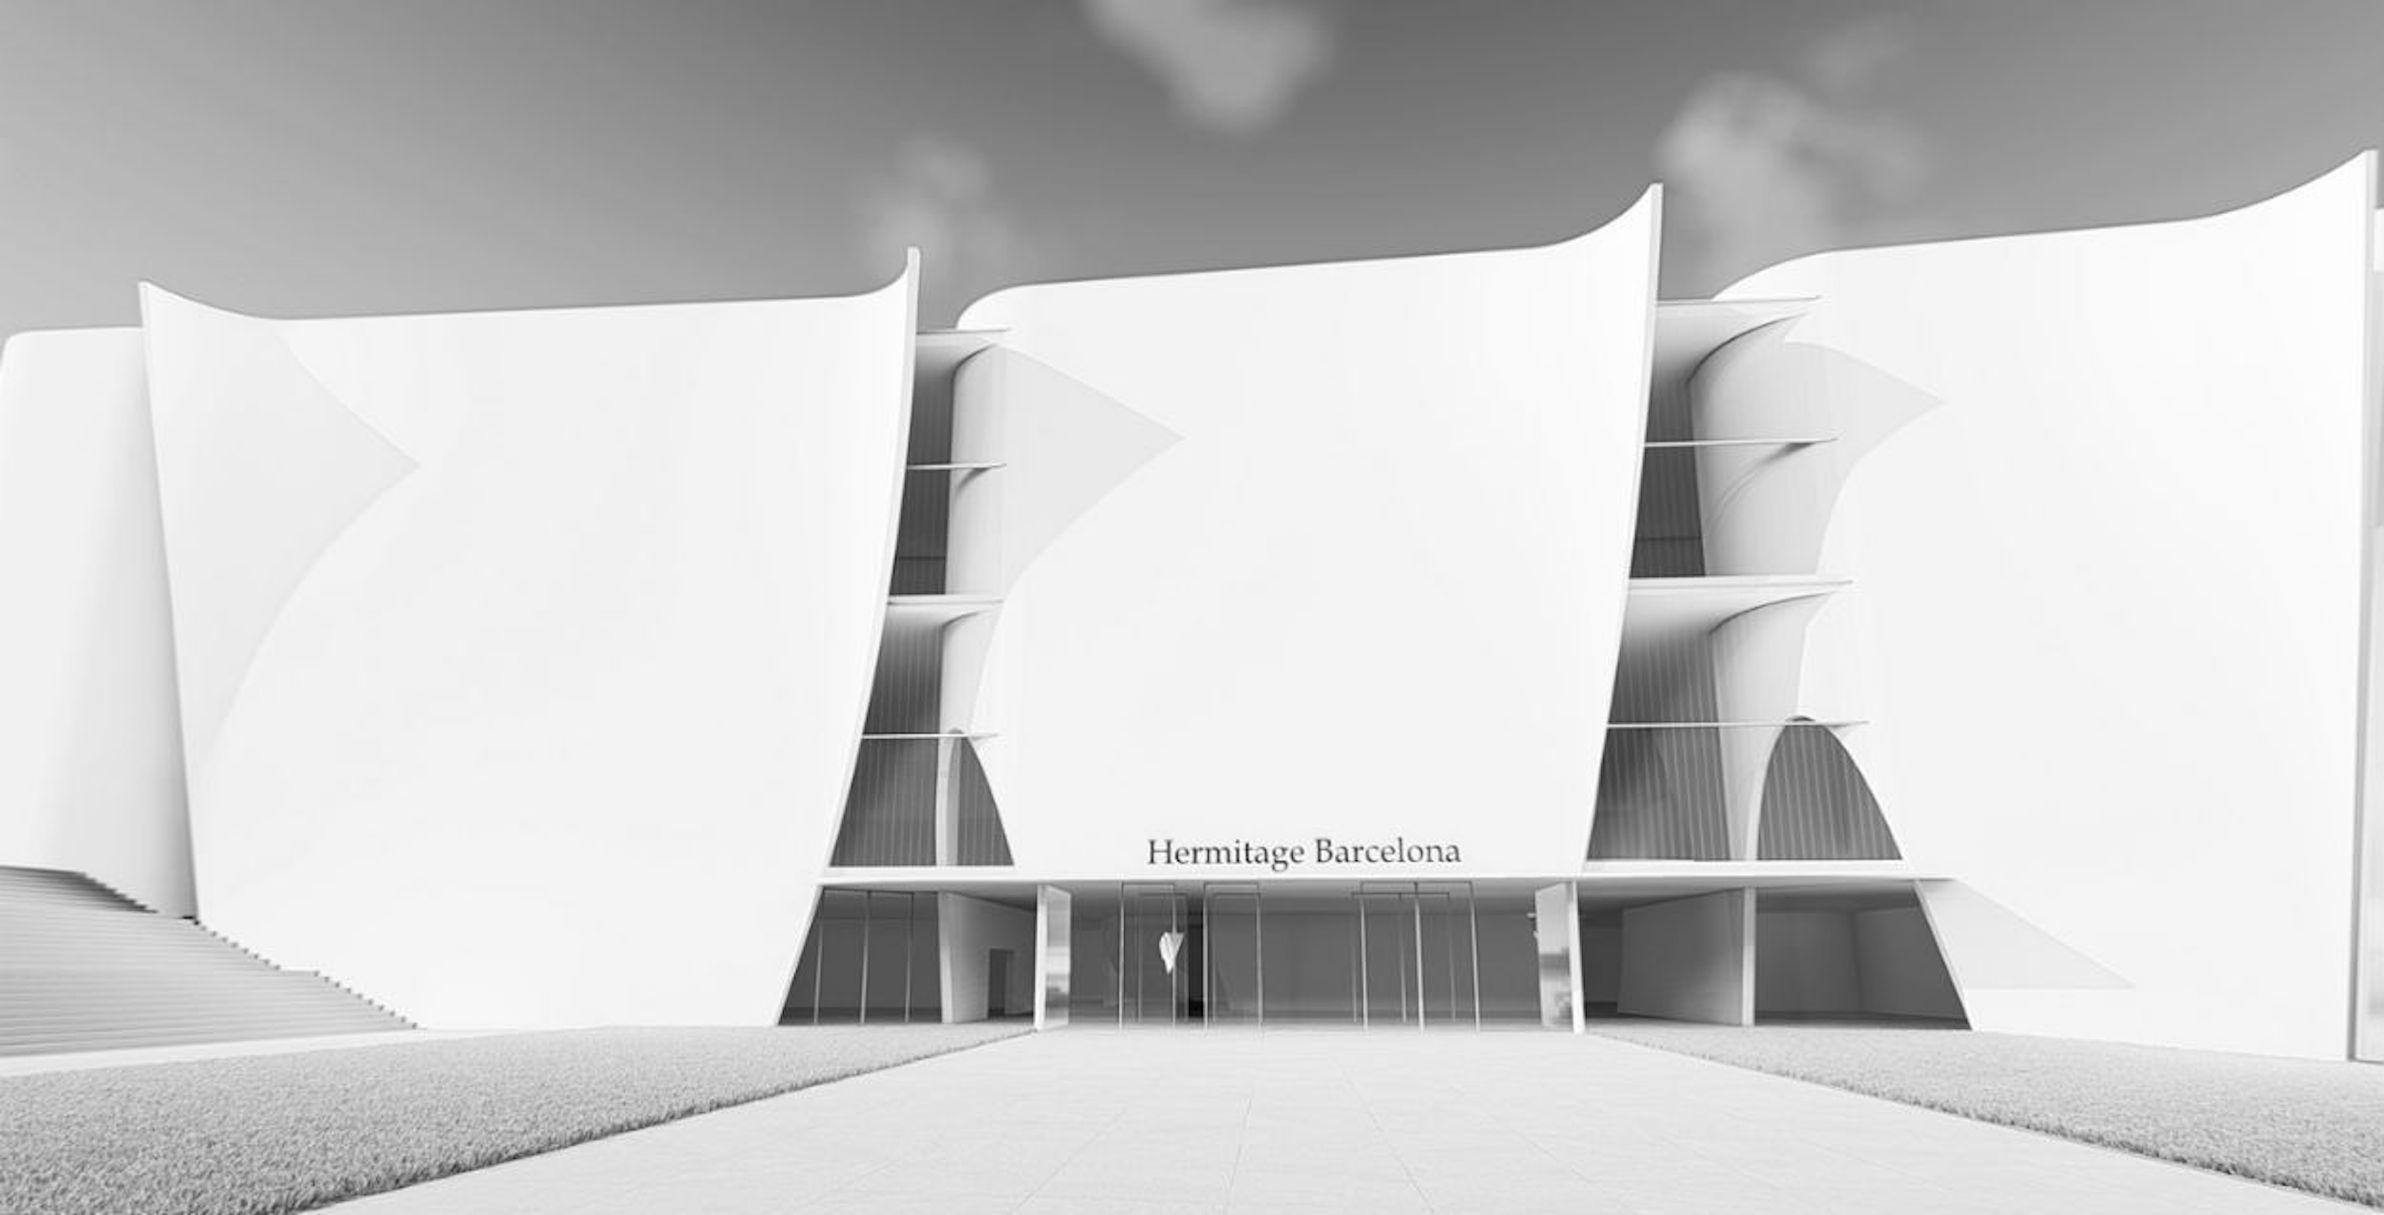 Ermitage superstar. Ecco come sarà la nuova sede del museo russo a Barcellona